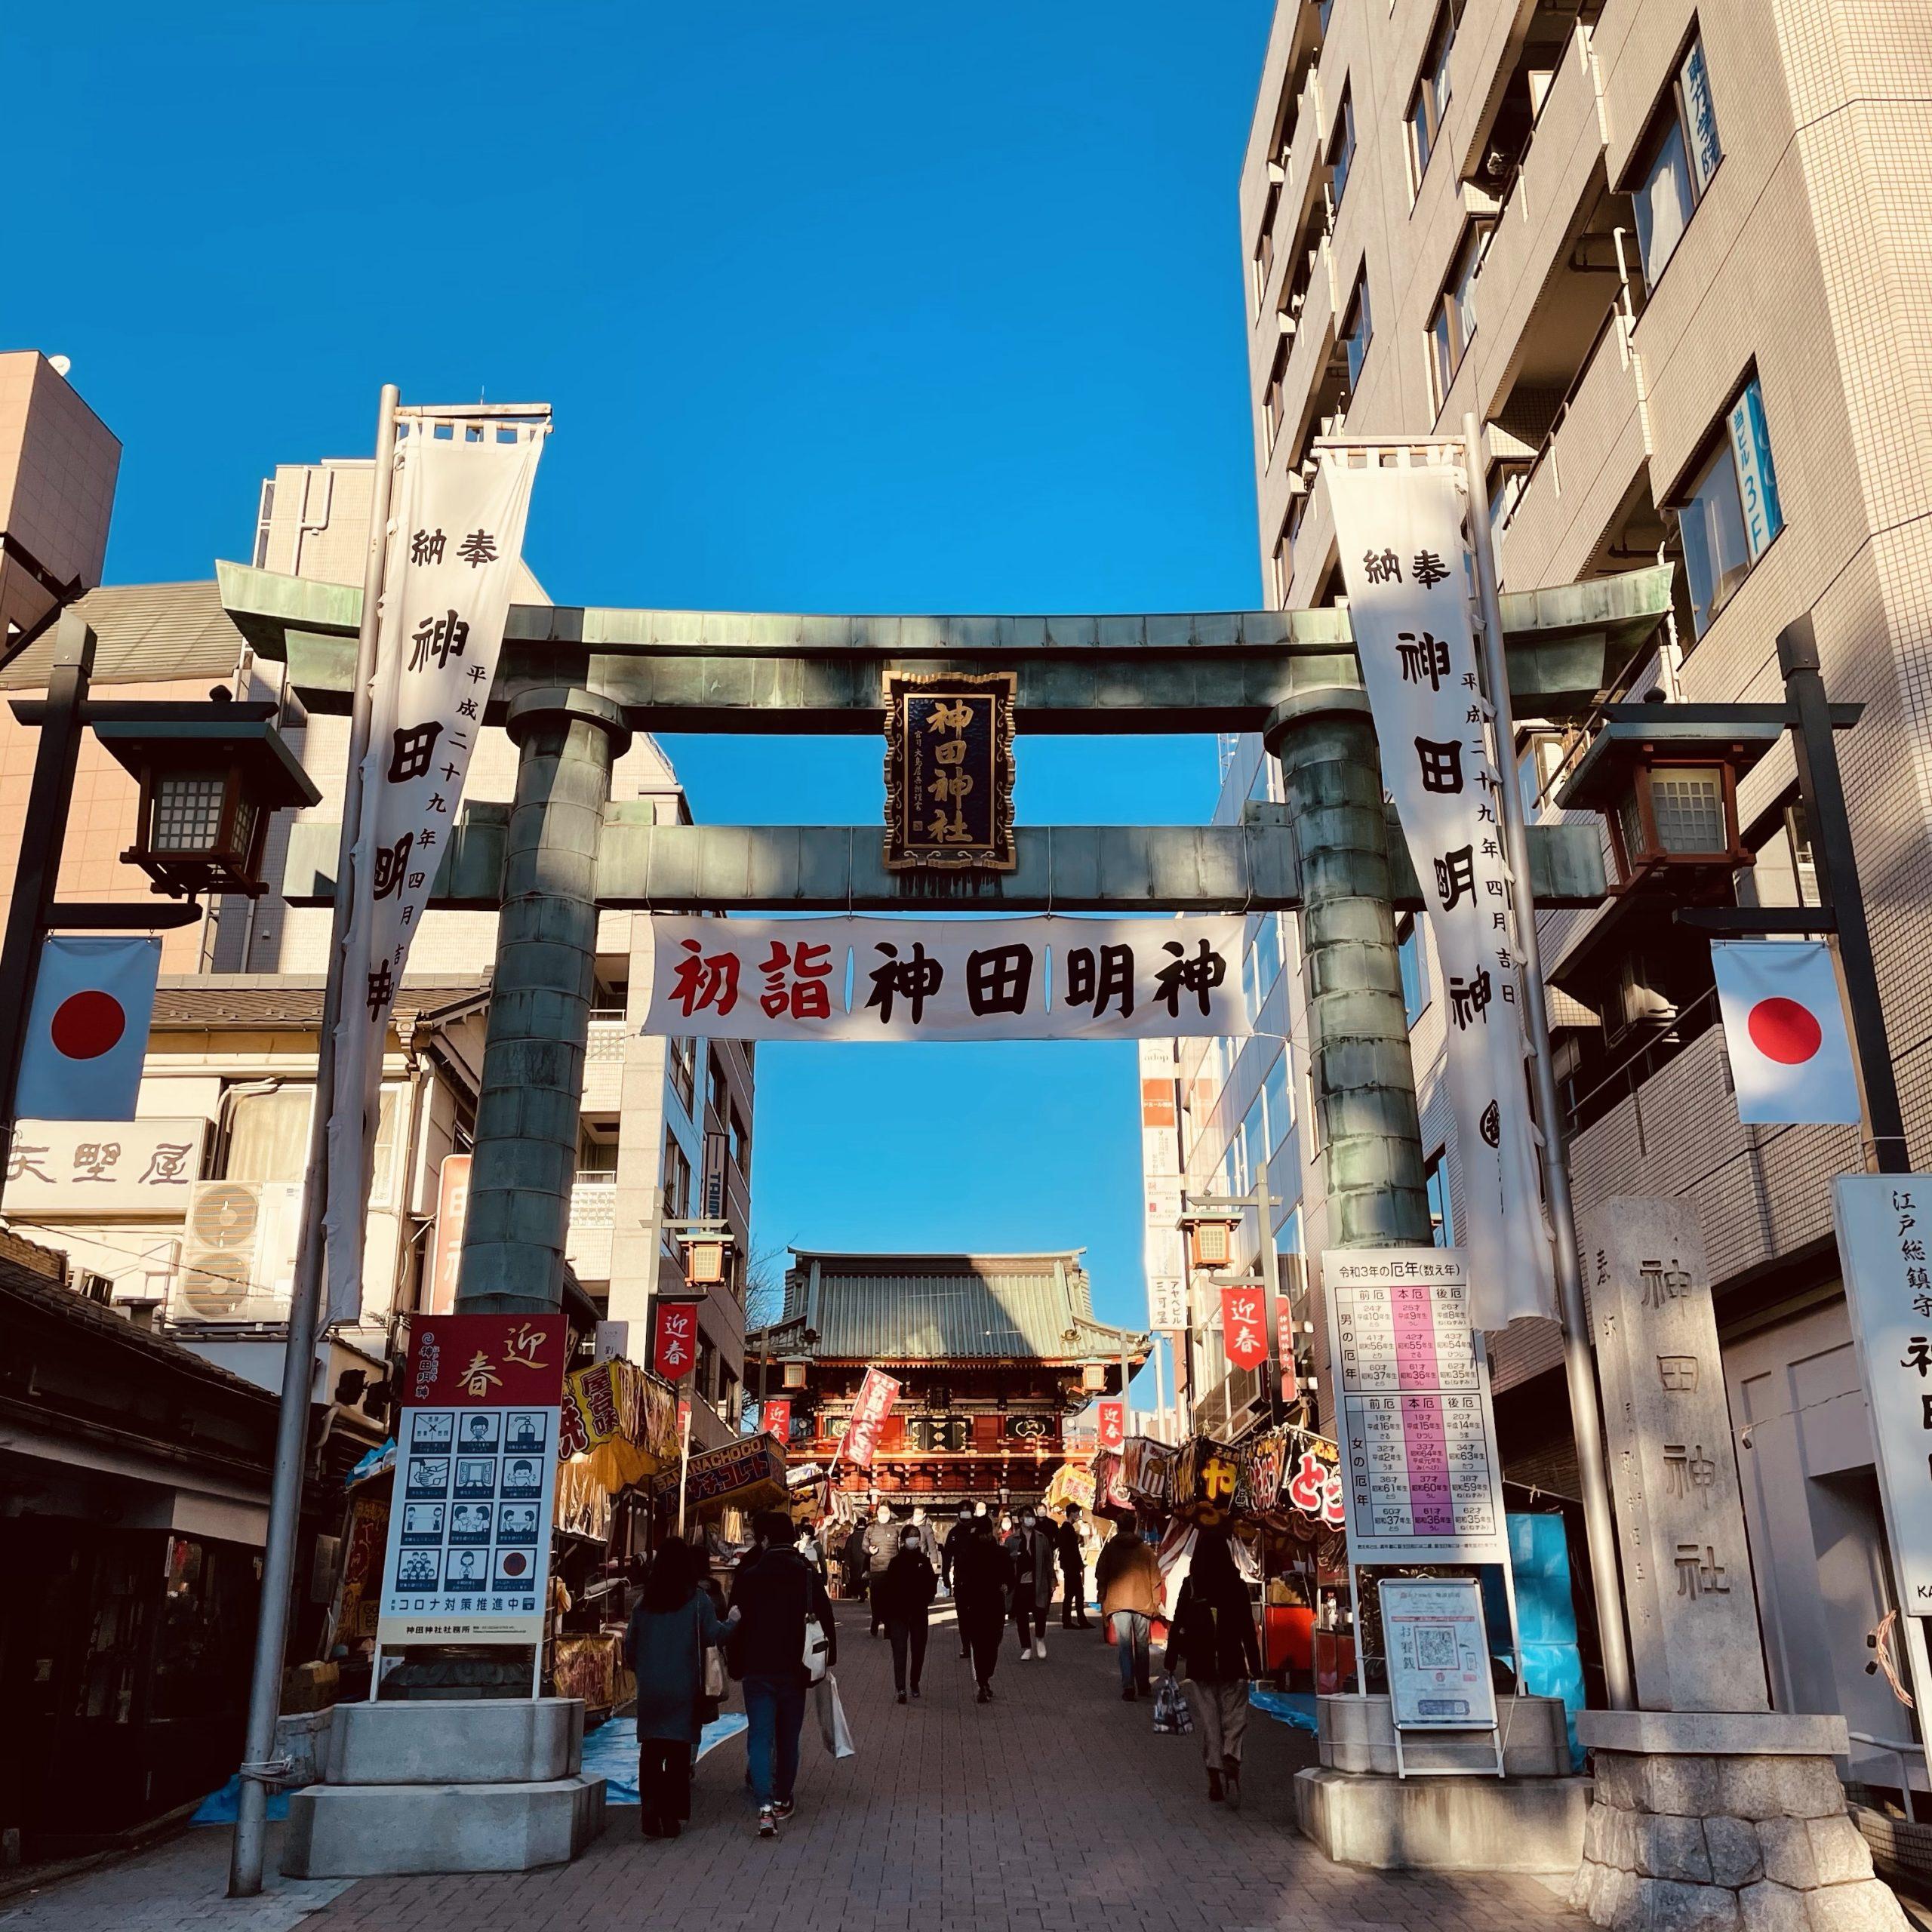 ofuro_sauna_gaikiyoku.png (762×762)